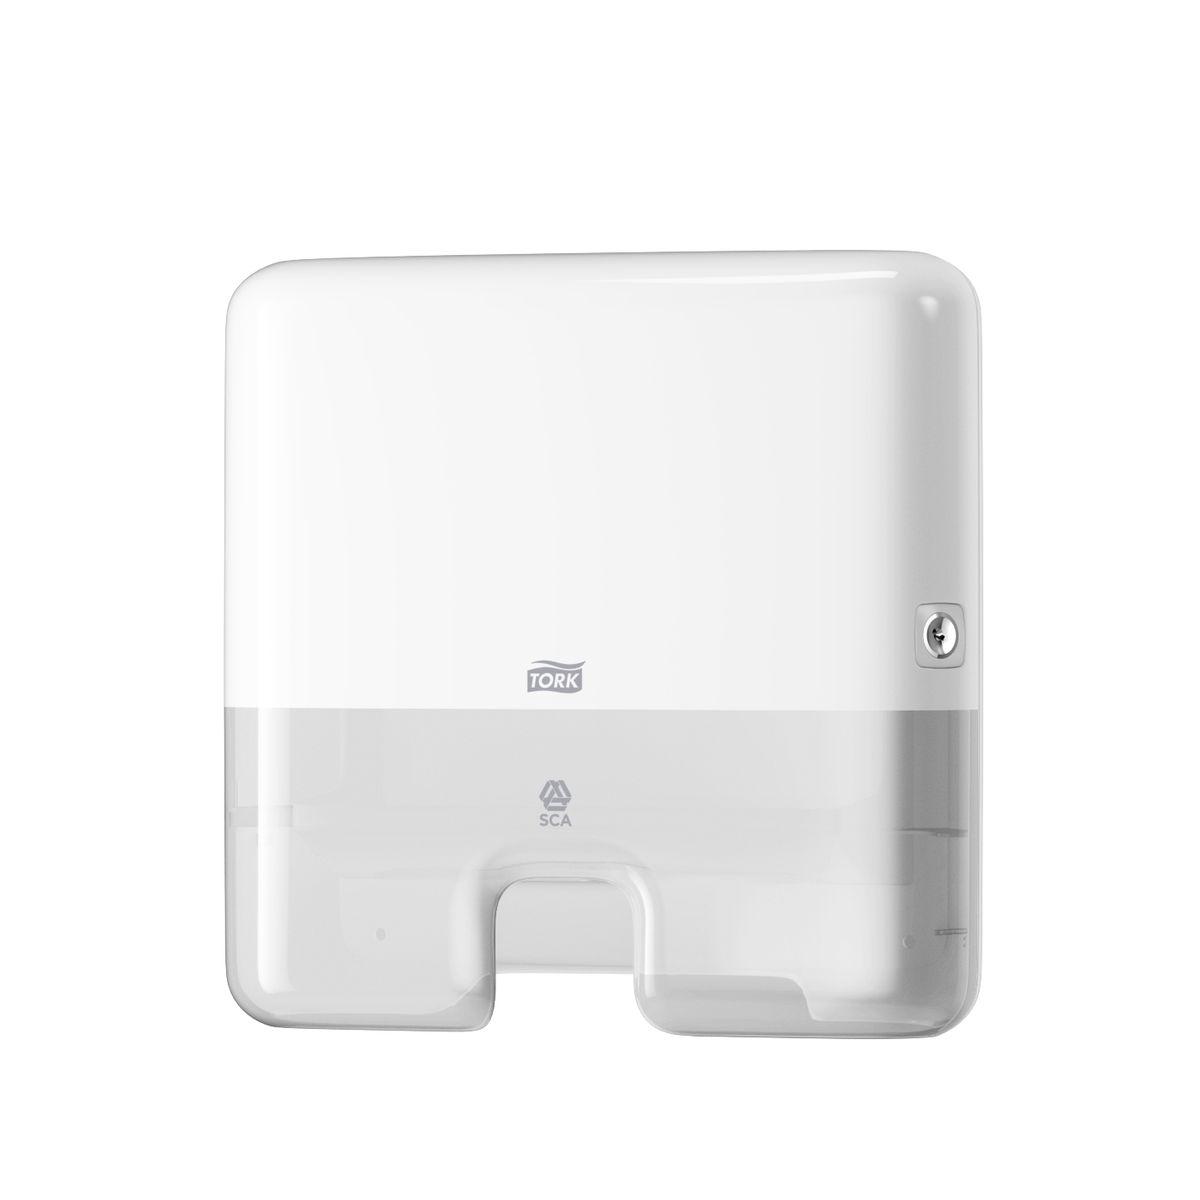 Диспенсер для бумажных полотенец Tork, цвет: белый. 552100RG-D31SДиспенсер для бумажных полотенец Torkпредназначен для использования с узкопанельными полотенцами, сложенными двойным зигзагом (только для полотенец шириной до 21 см). Полотенце при отборе разворачивается полностью, что сокращает расход бумаги. Ультратонкий дизайн - подходит для туалетных комнат любой площади. Диспенсеры Tork Elevation имеют функциональный современный дизайн, который надолго оставляет у гостей приятное впечатление. Диспенсер Tork для листовых полотенец подходит для мест с высоким уровнем комфорта для посетителей - например, ресторанов, офисов и медицинских центров. Полистовой отбор позволяет снизить стоимость эксплуатации и образование отходов. Полотенца легко пополнять - бумага никогда не закончится неожиданно. Легкое обслуживание благодаря защите от переполнения.